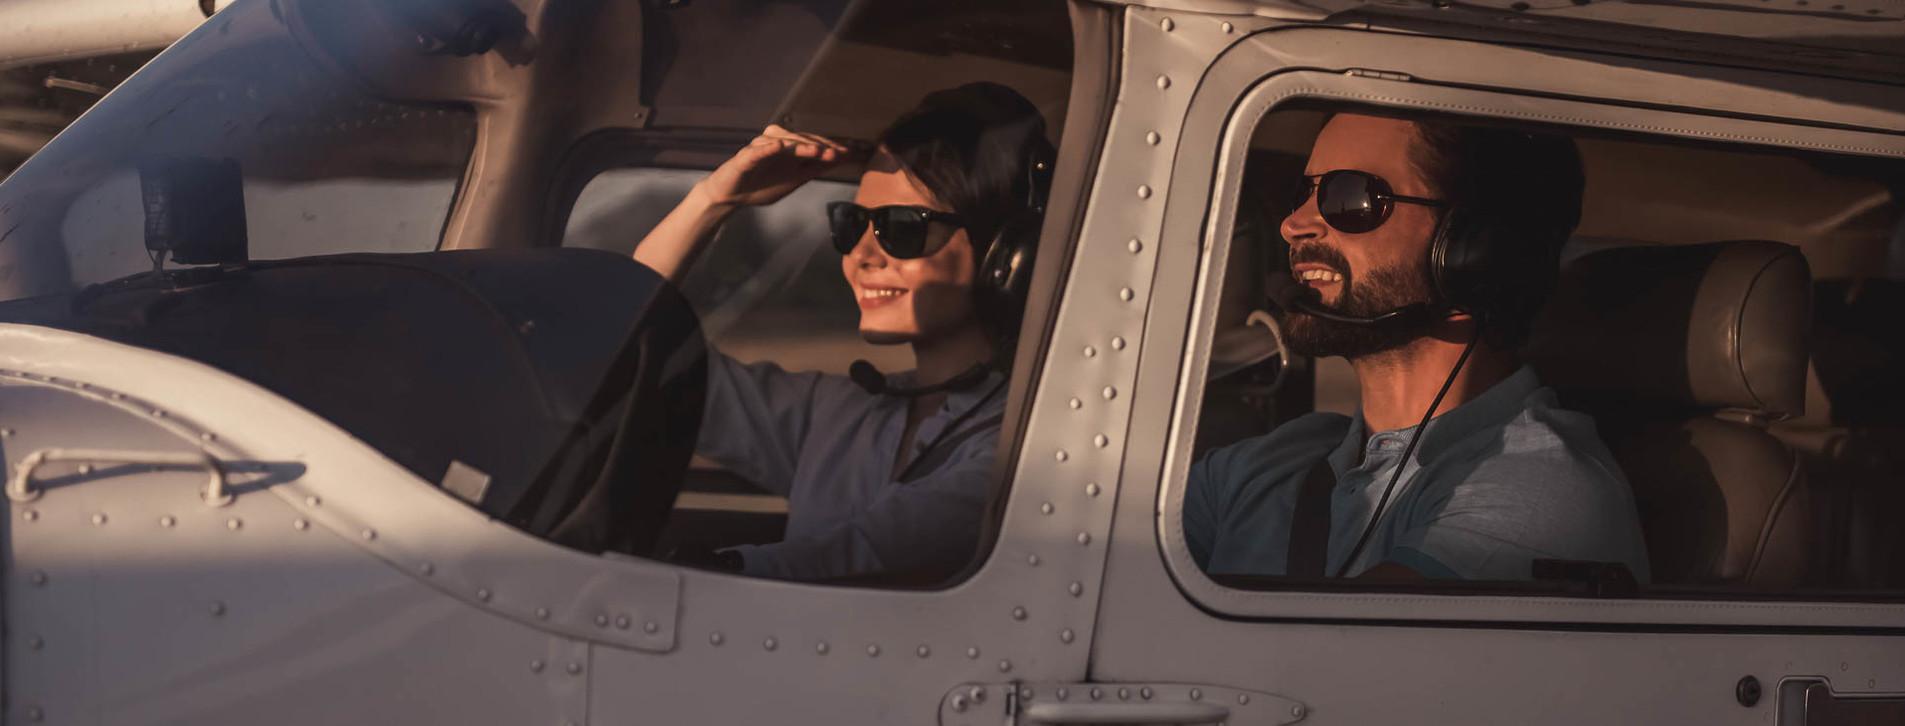 Фото - Навчальний політ на літаку для двох